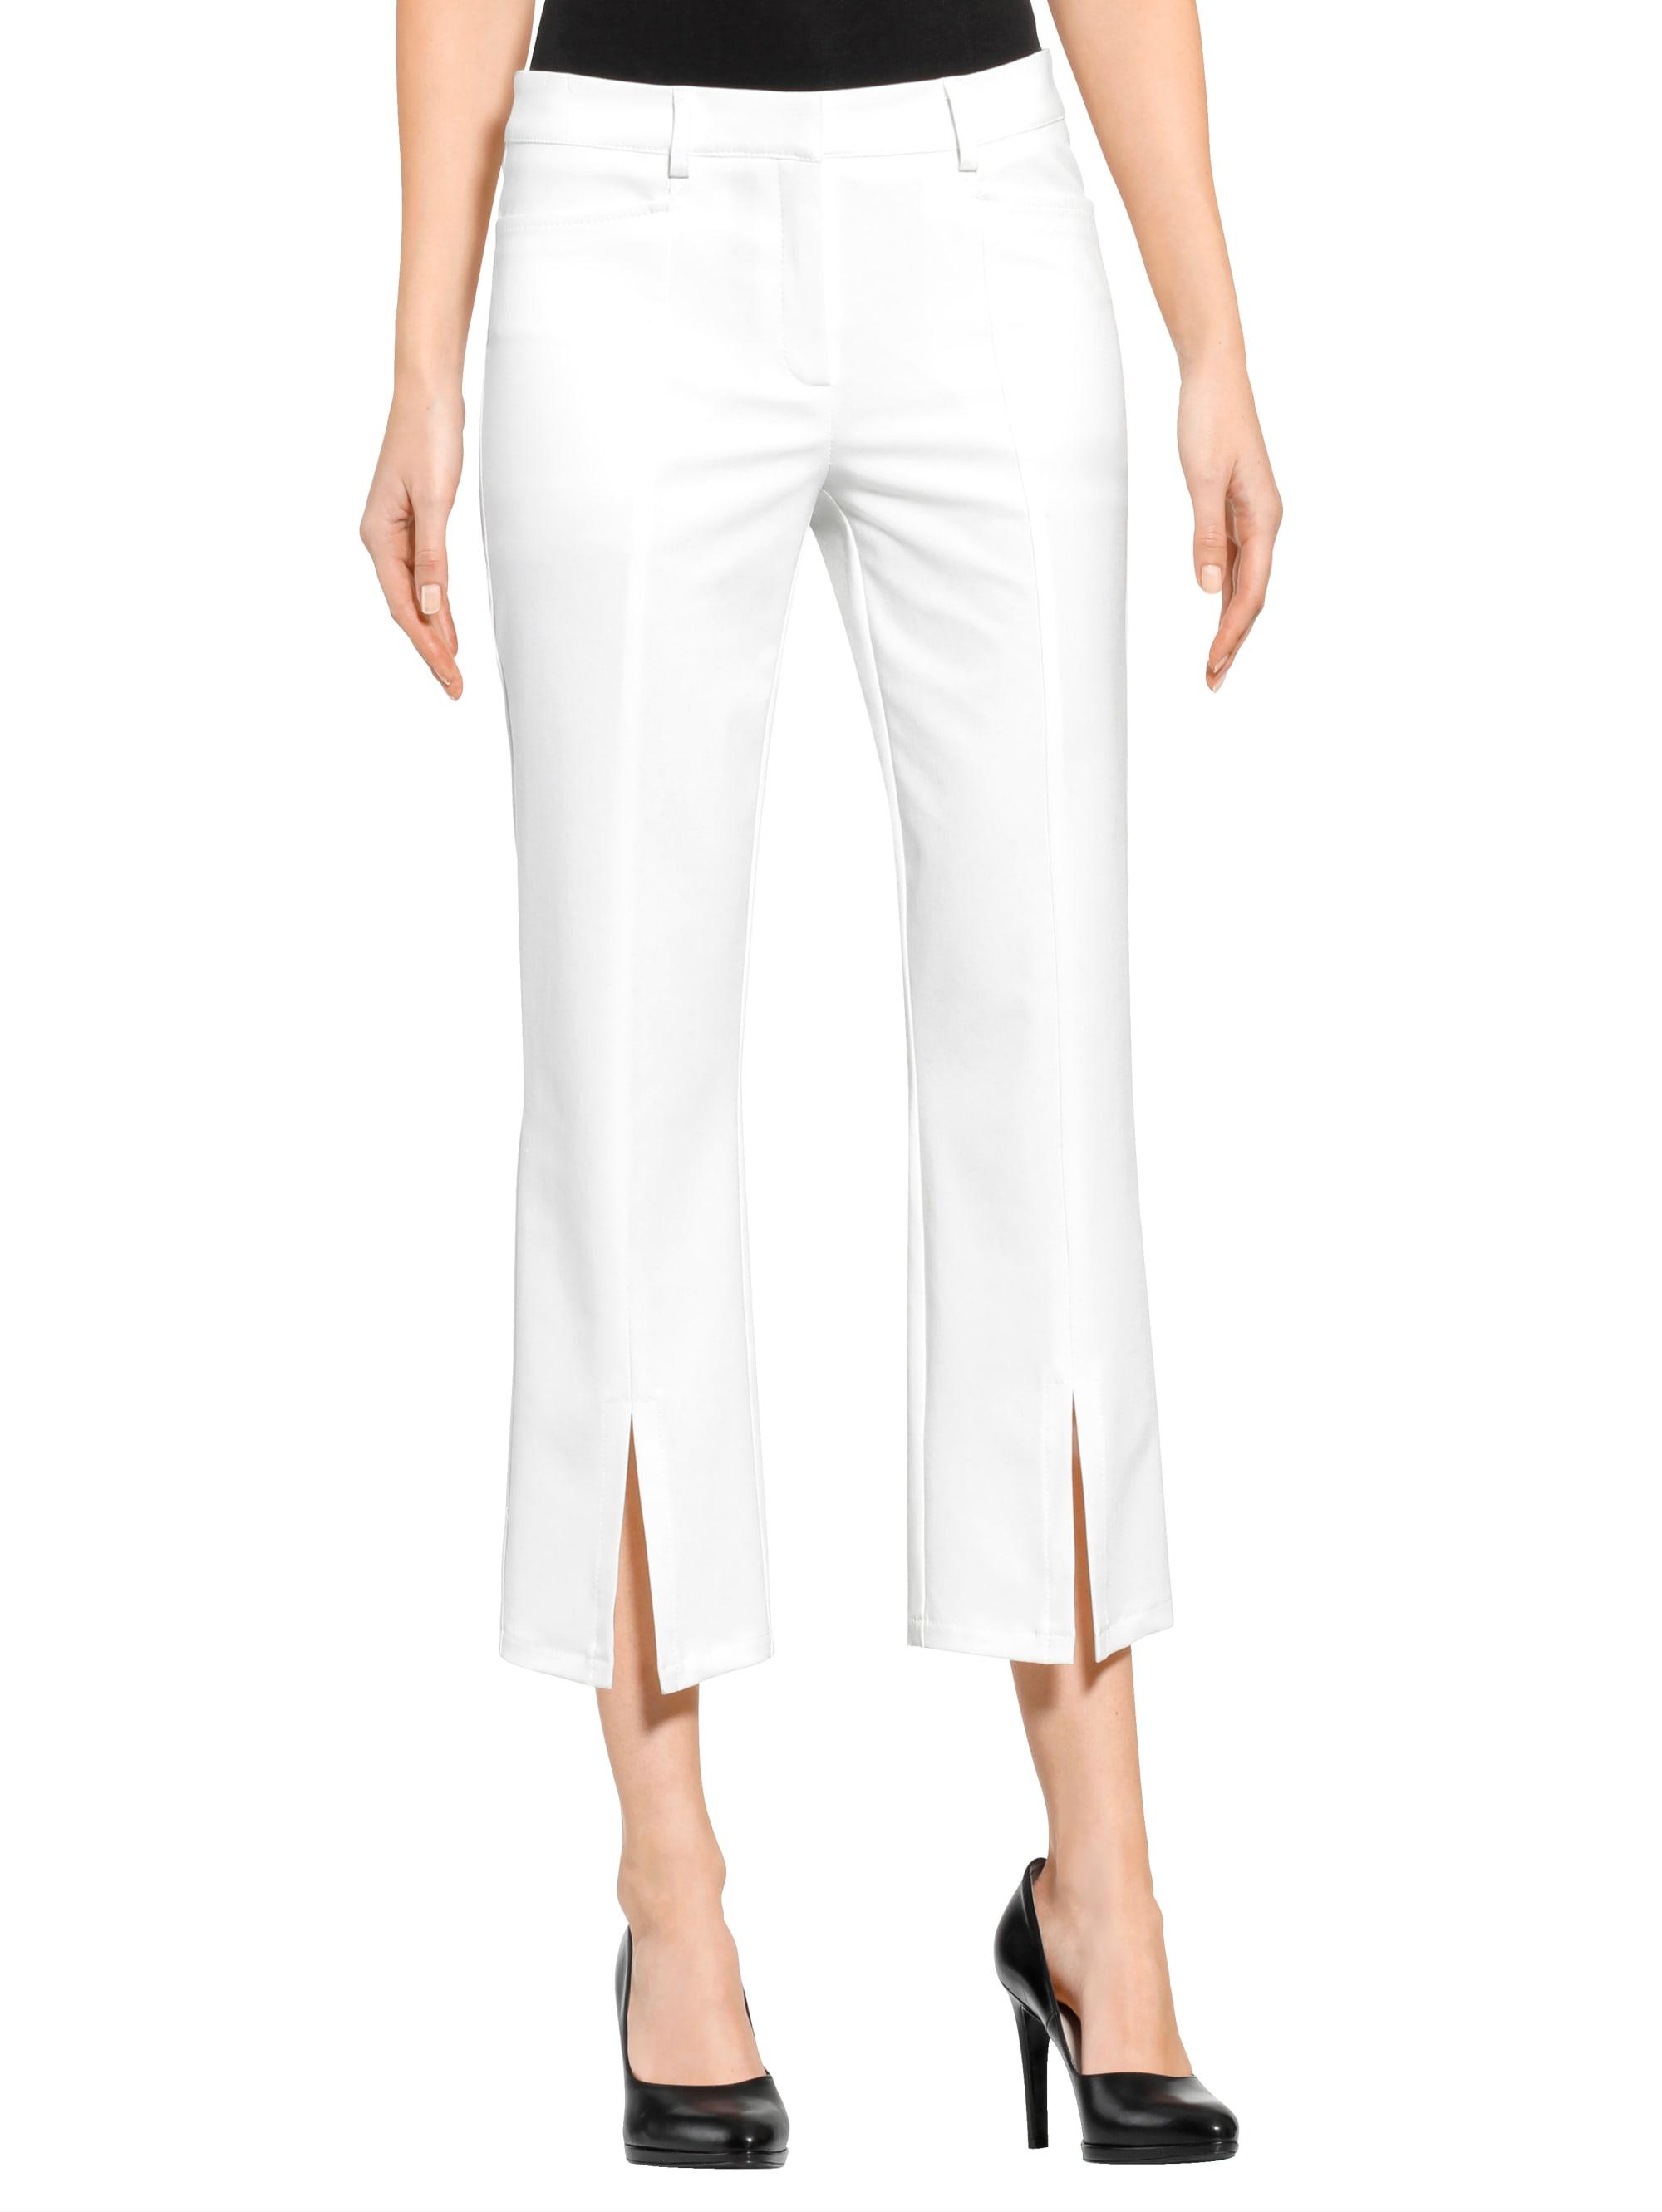 Alba Moda Hose in Weiß günstig kaufen